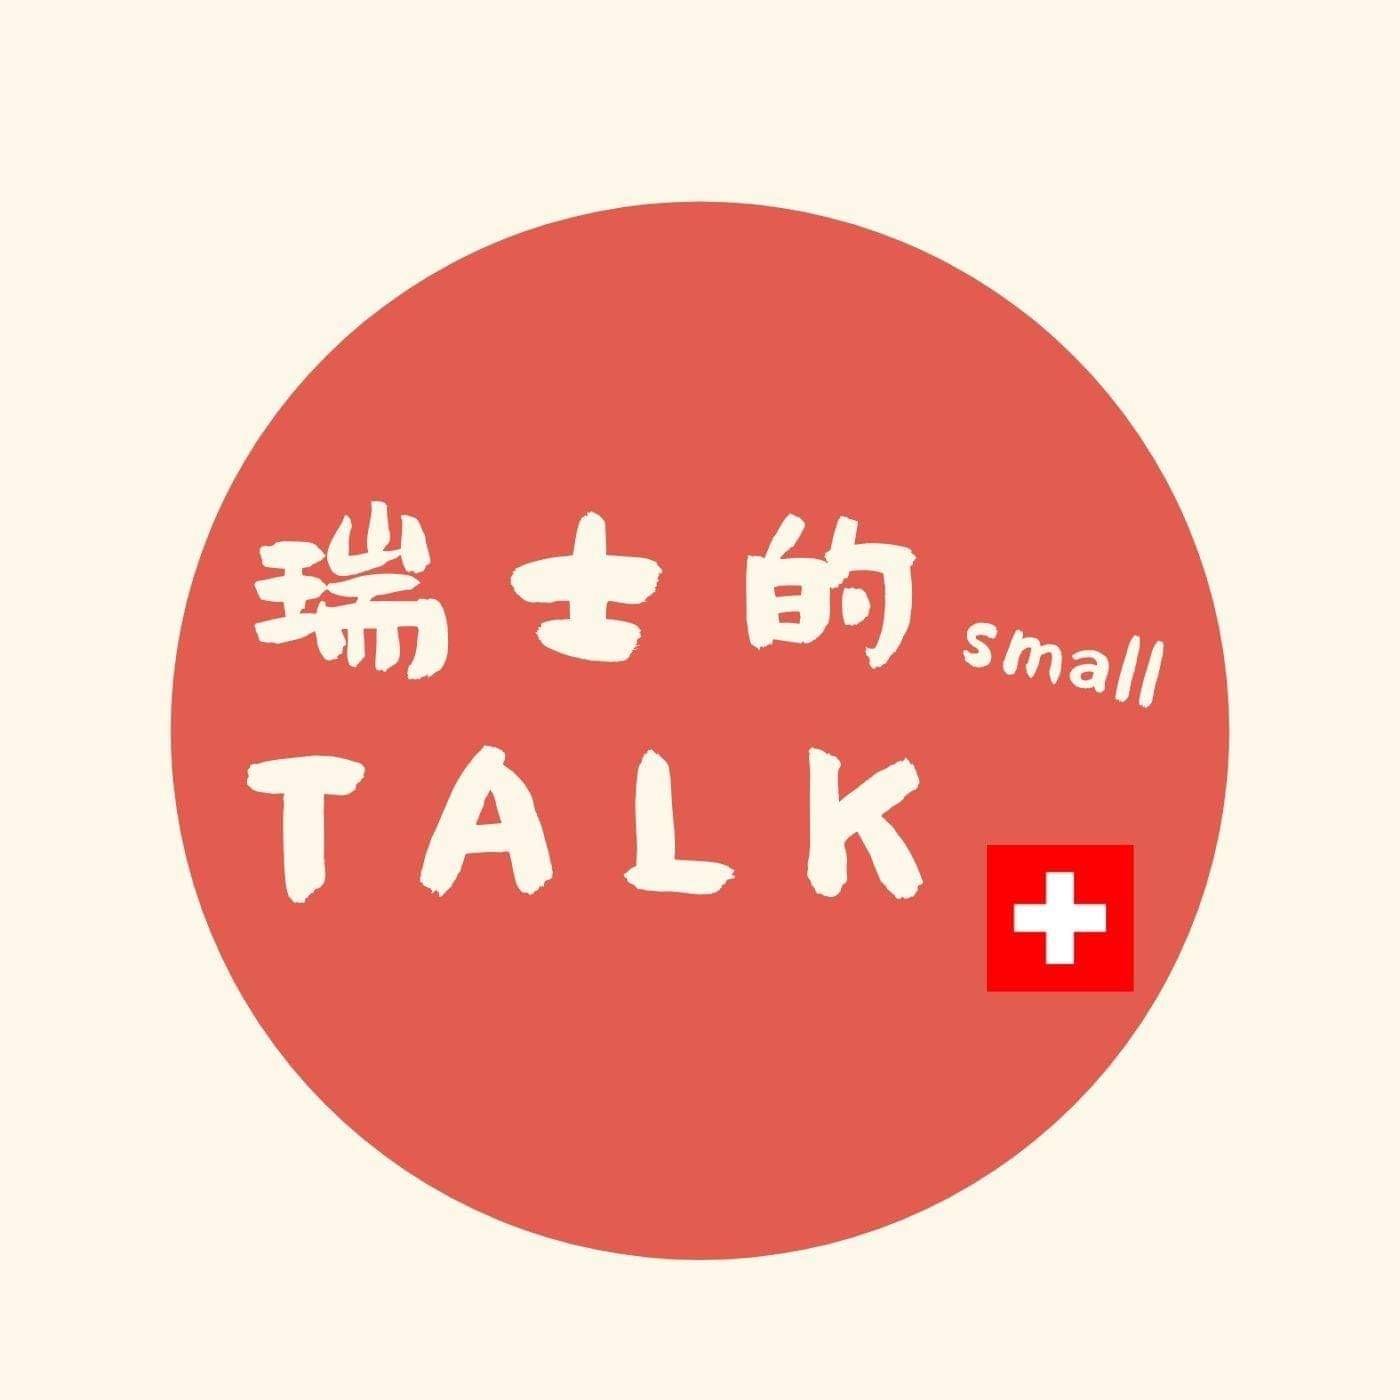 瑞士的small talk - 異國婚姻的粉紅泡泡 上集